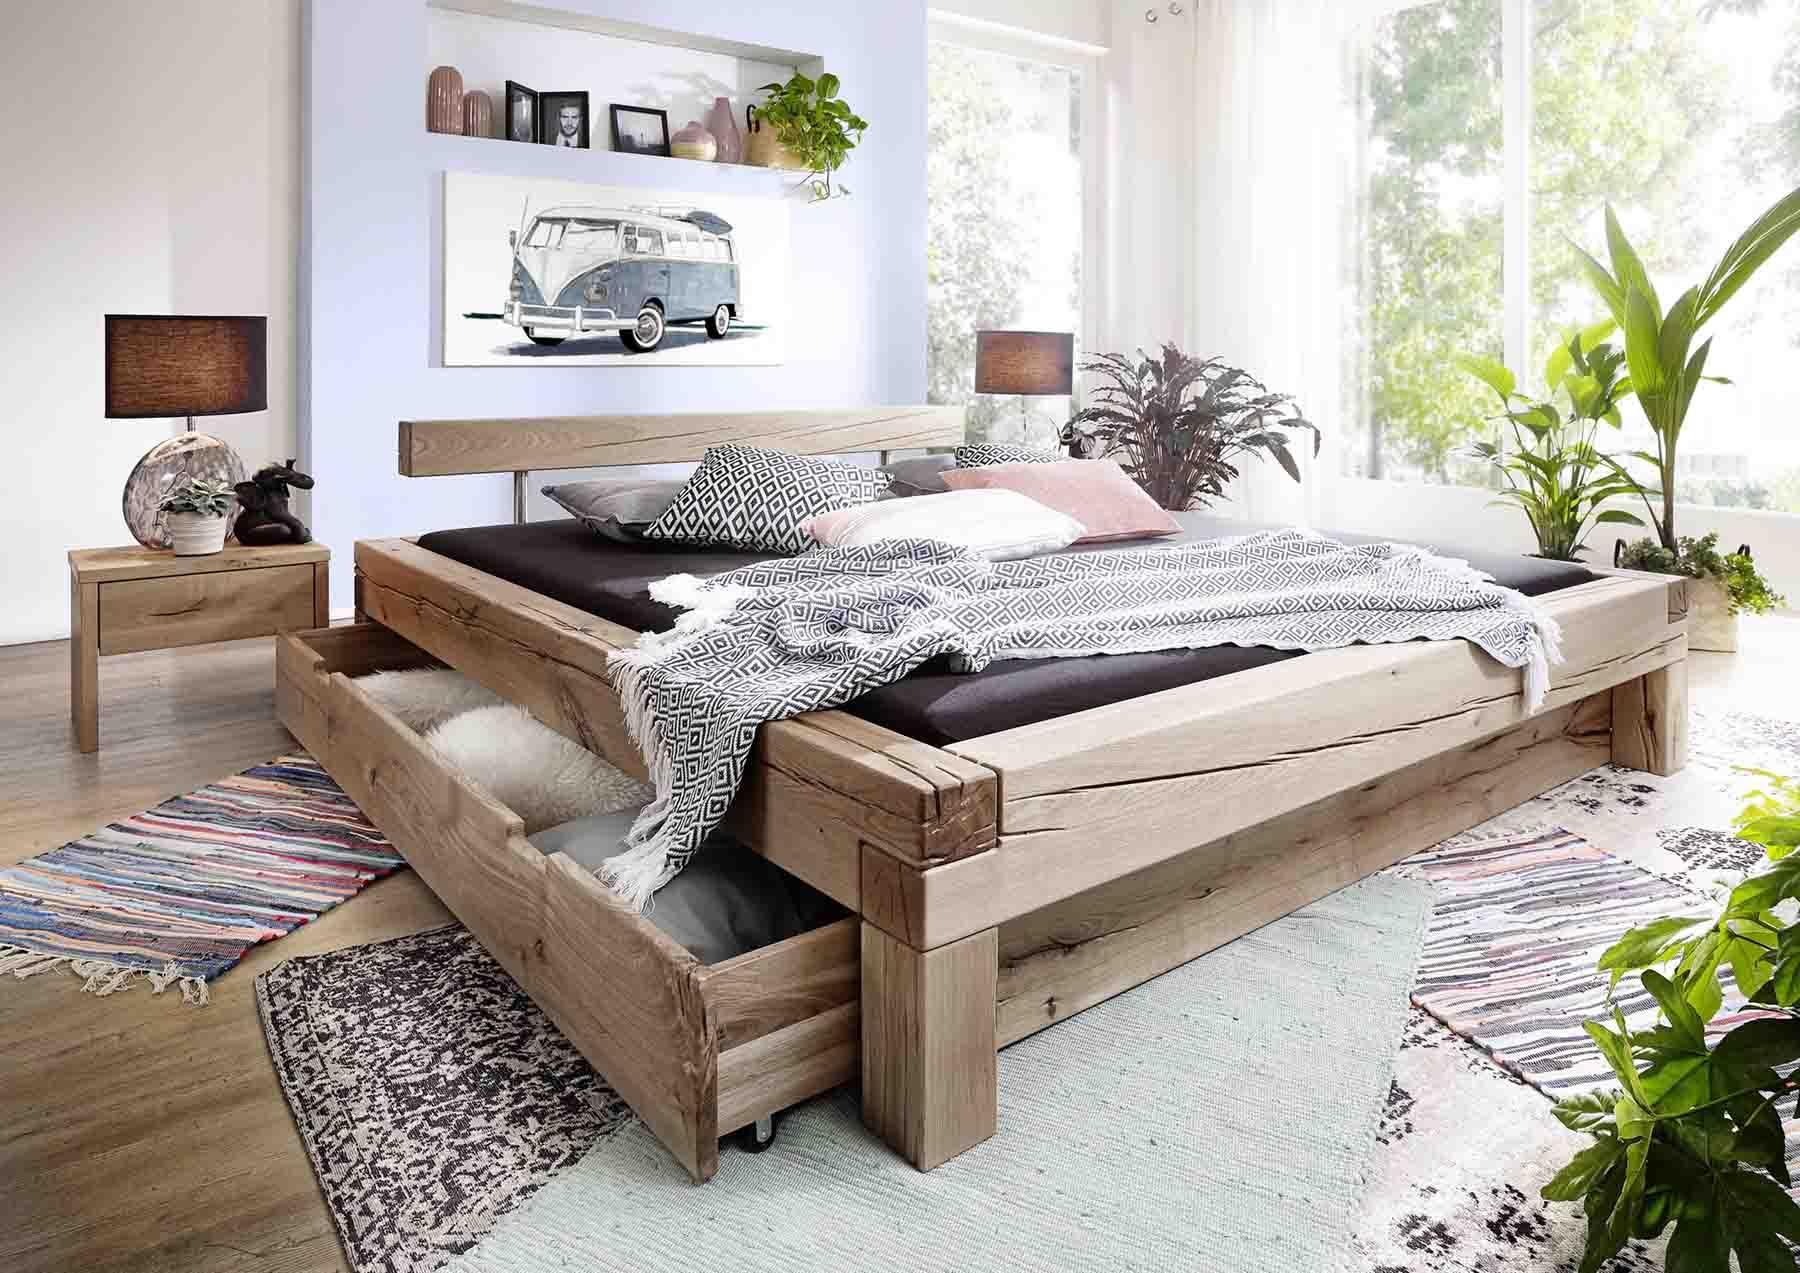 balkenbett elias mit balkenkopfteil wildeiche massiv. Black Bedroom Furniture Sets. Home Design Ideas